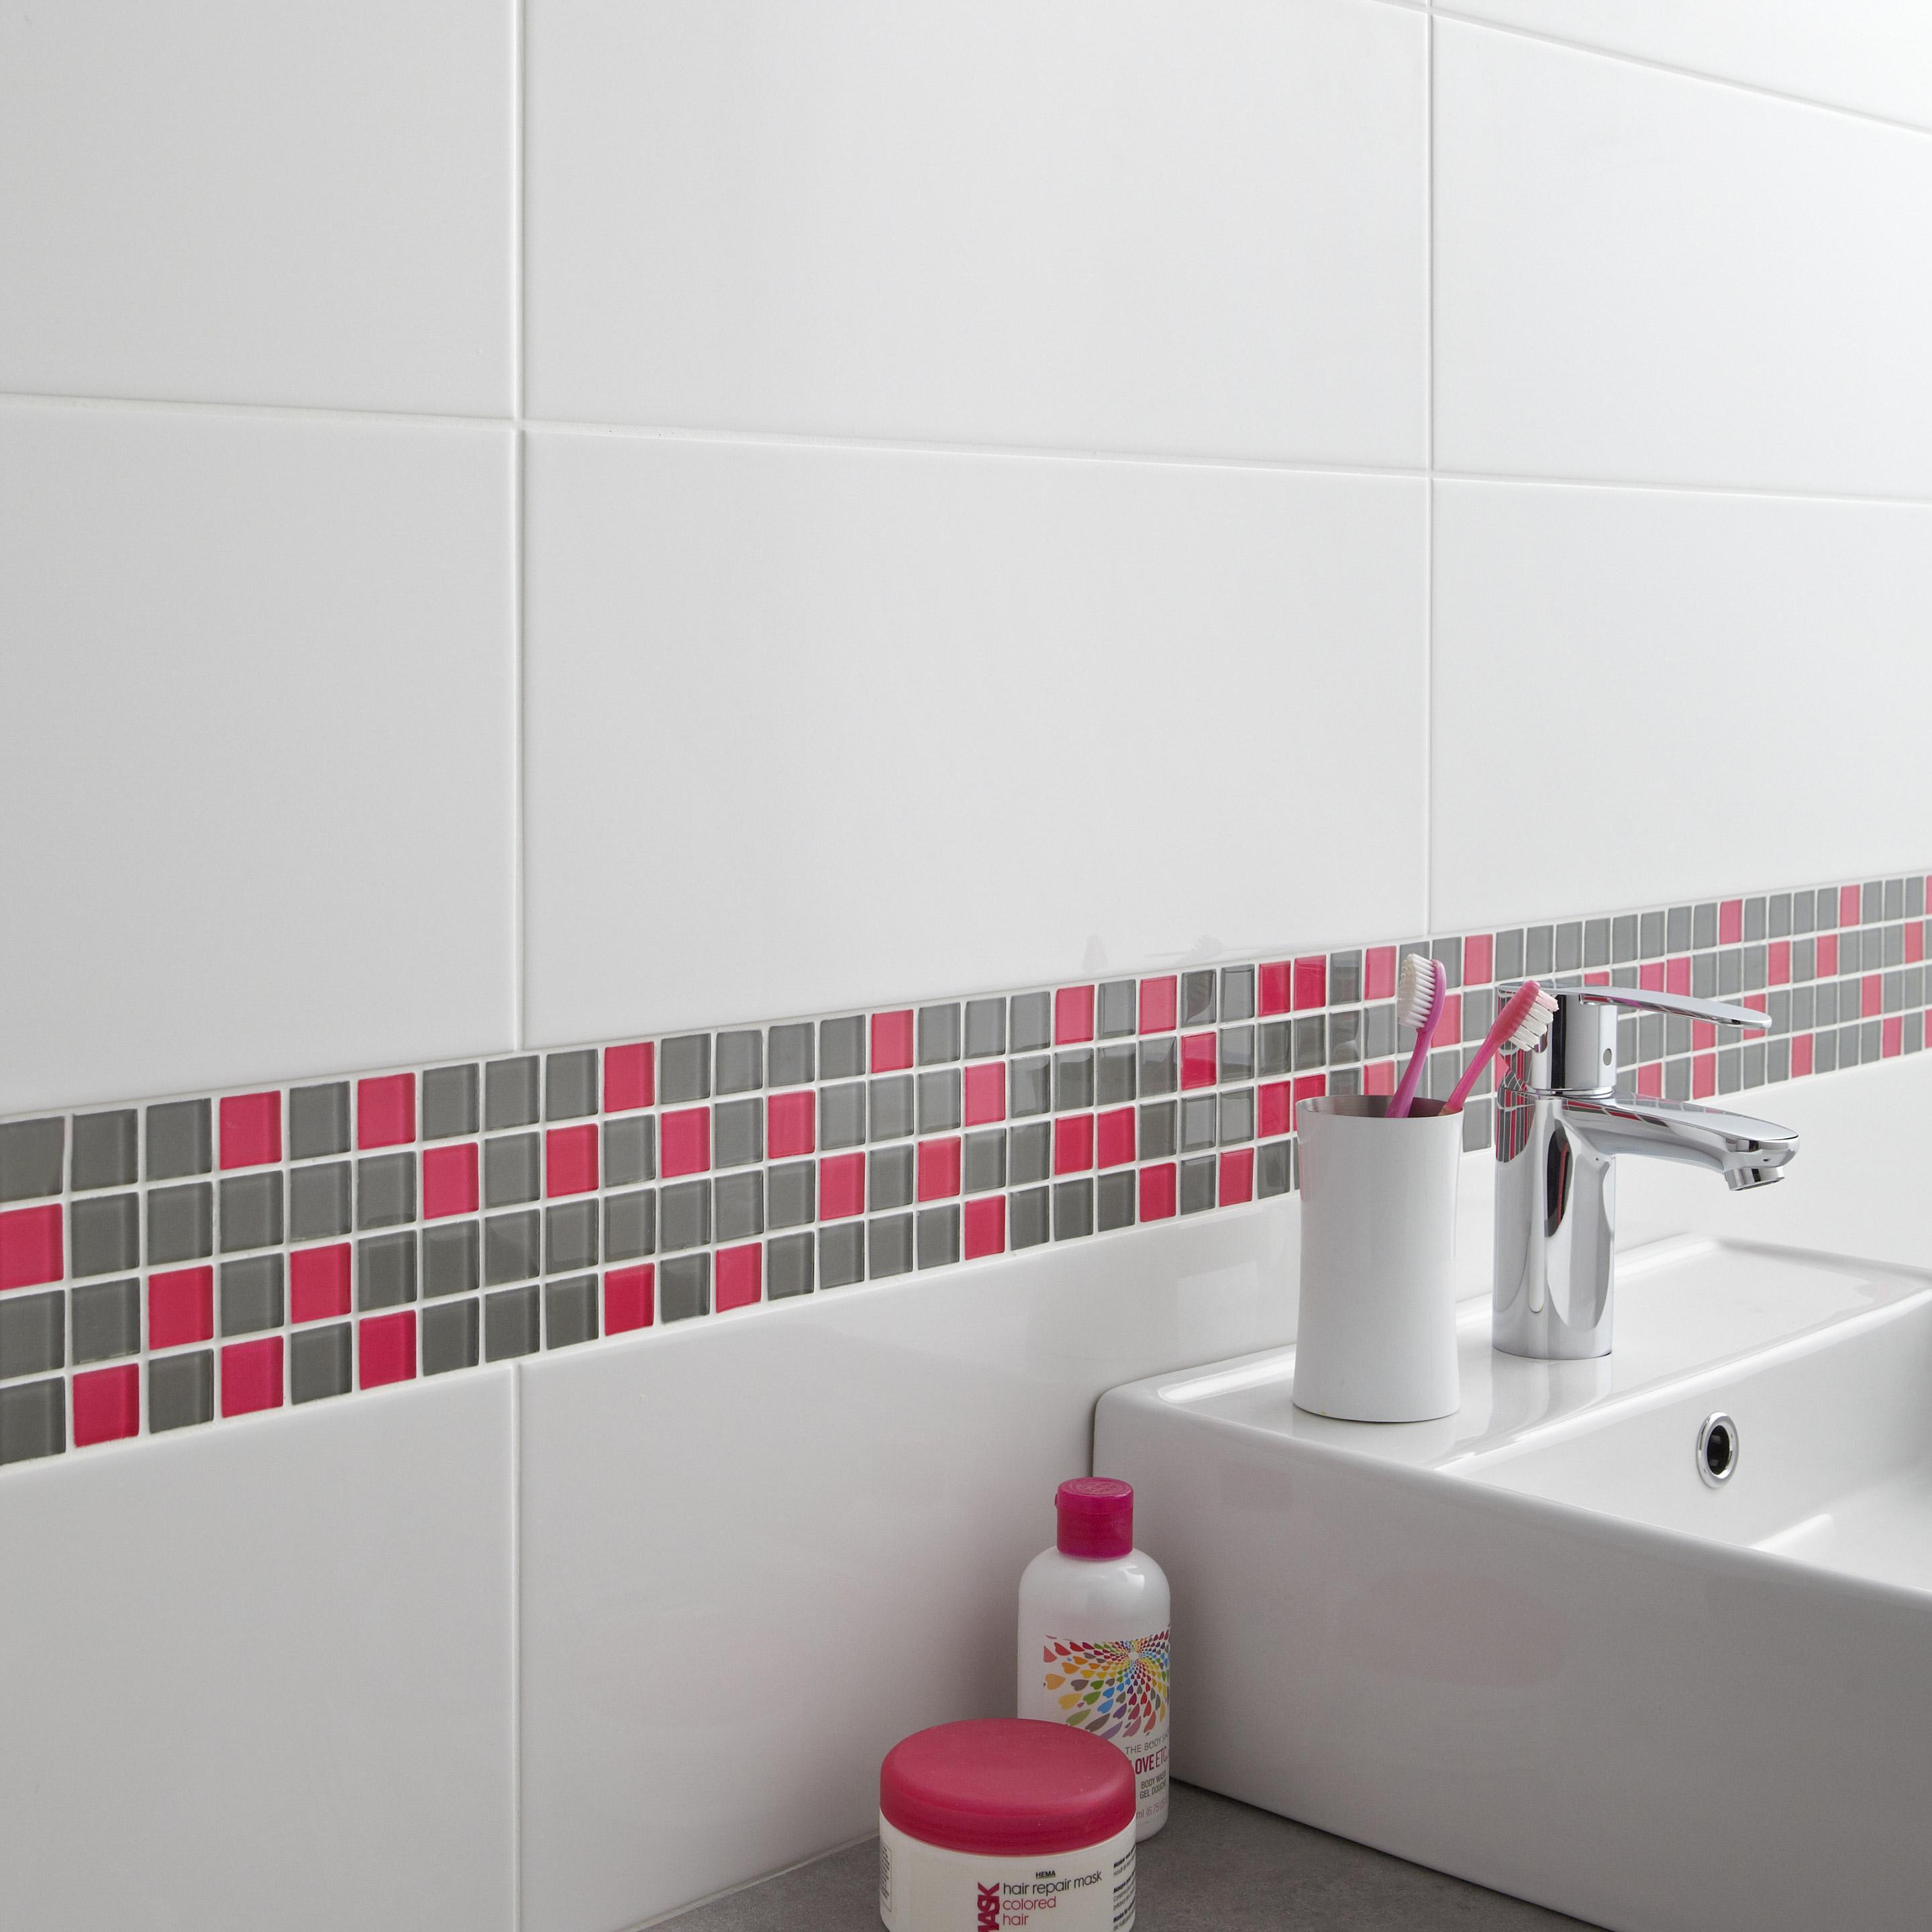 Faïence mur uni blanc-blanc n°0 brillant l.20 x L.50.2 cm, Loft